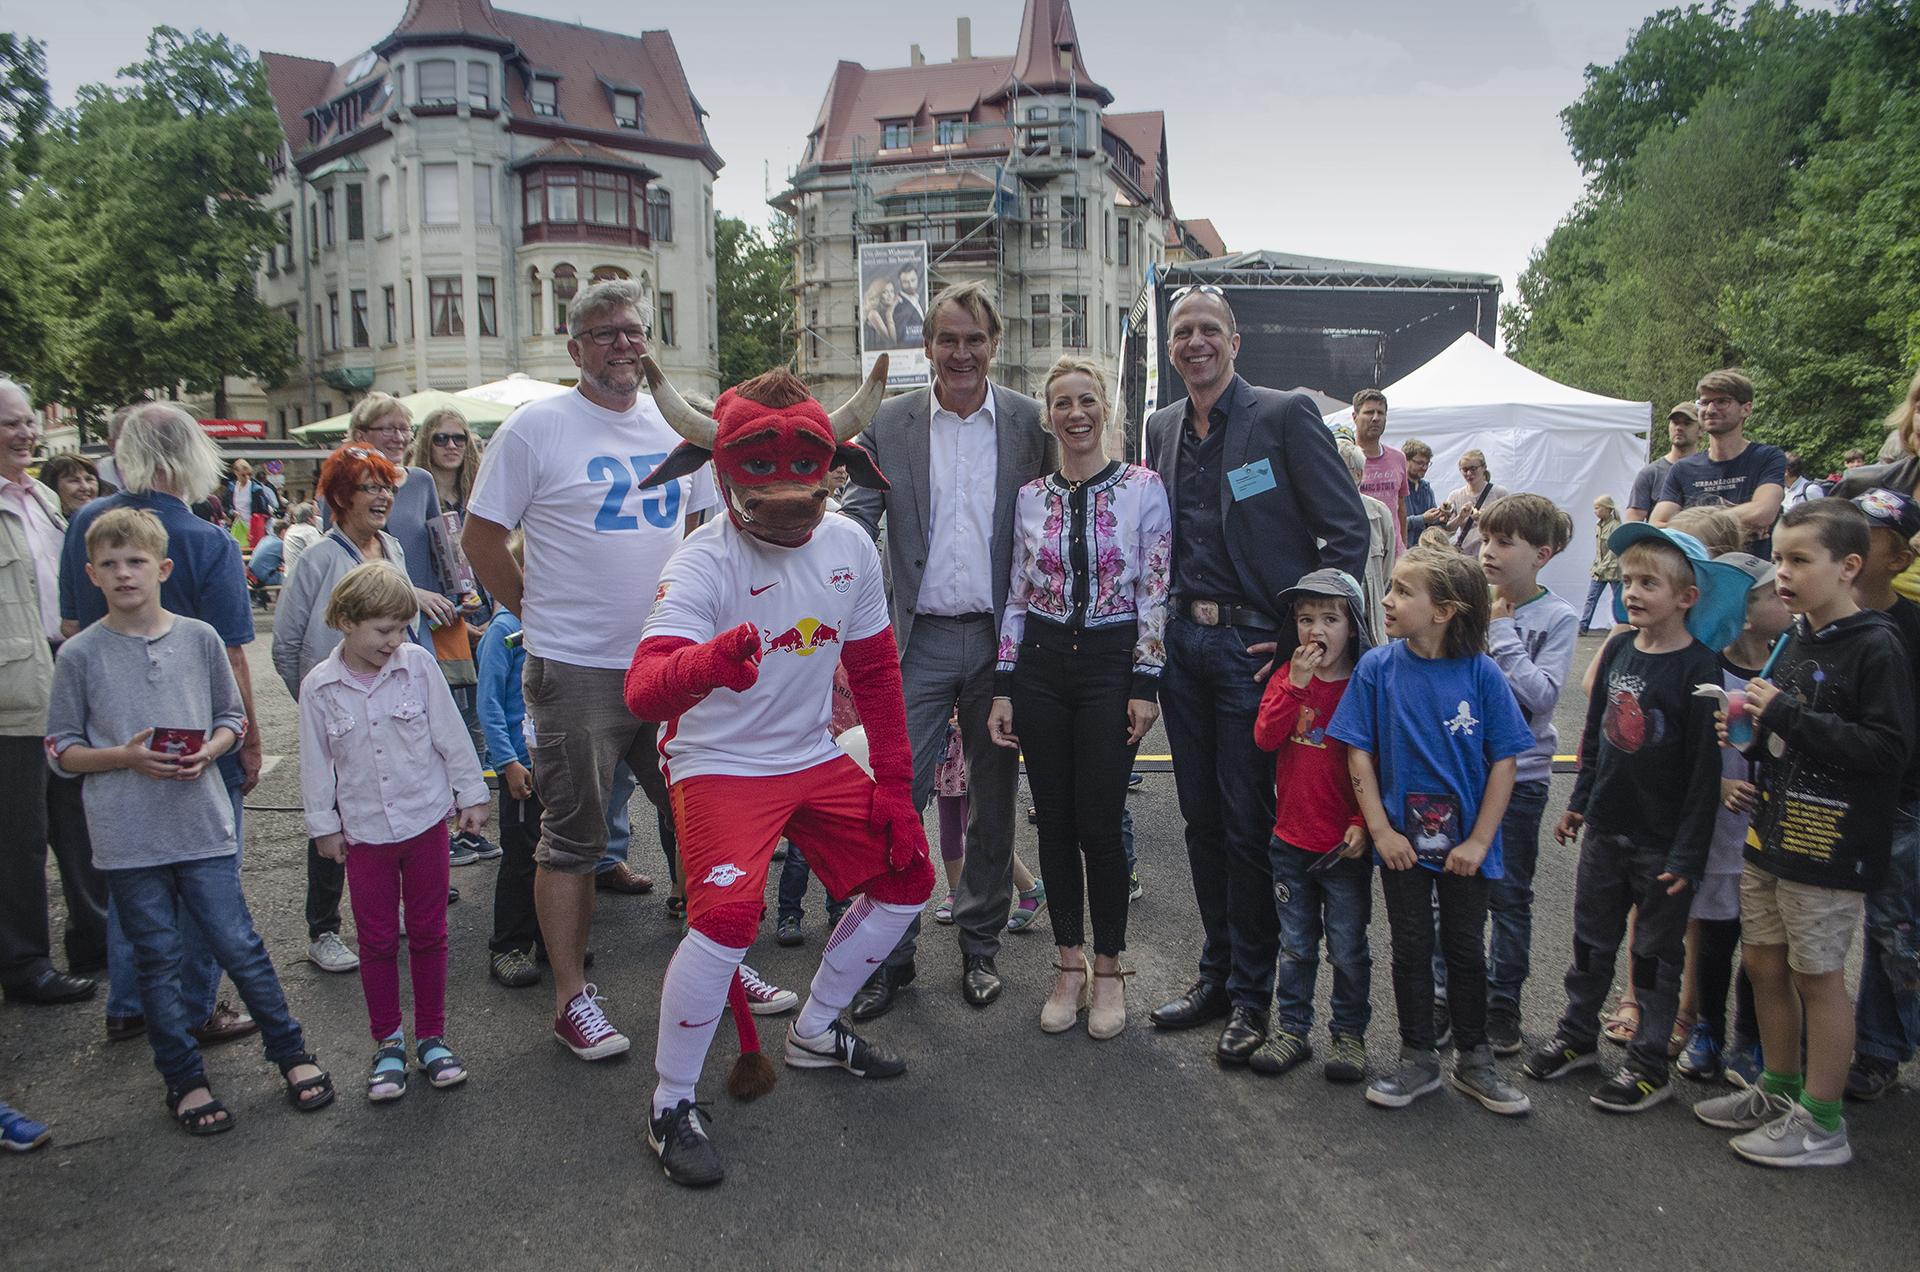 25. Großes Funkenburgfest, v.l.n.r.: Moderator Andreas Hahn, Bully, Leipzigs Oberbürgermeister Burkhard Jung mit Frau Ayleena, Vorstandsvorsitzender Jörg Wildermuth (vorn)